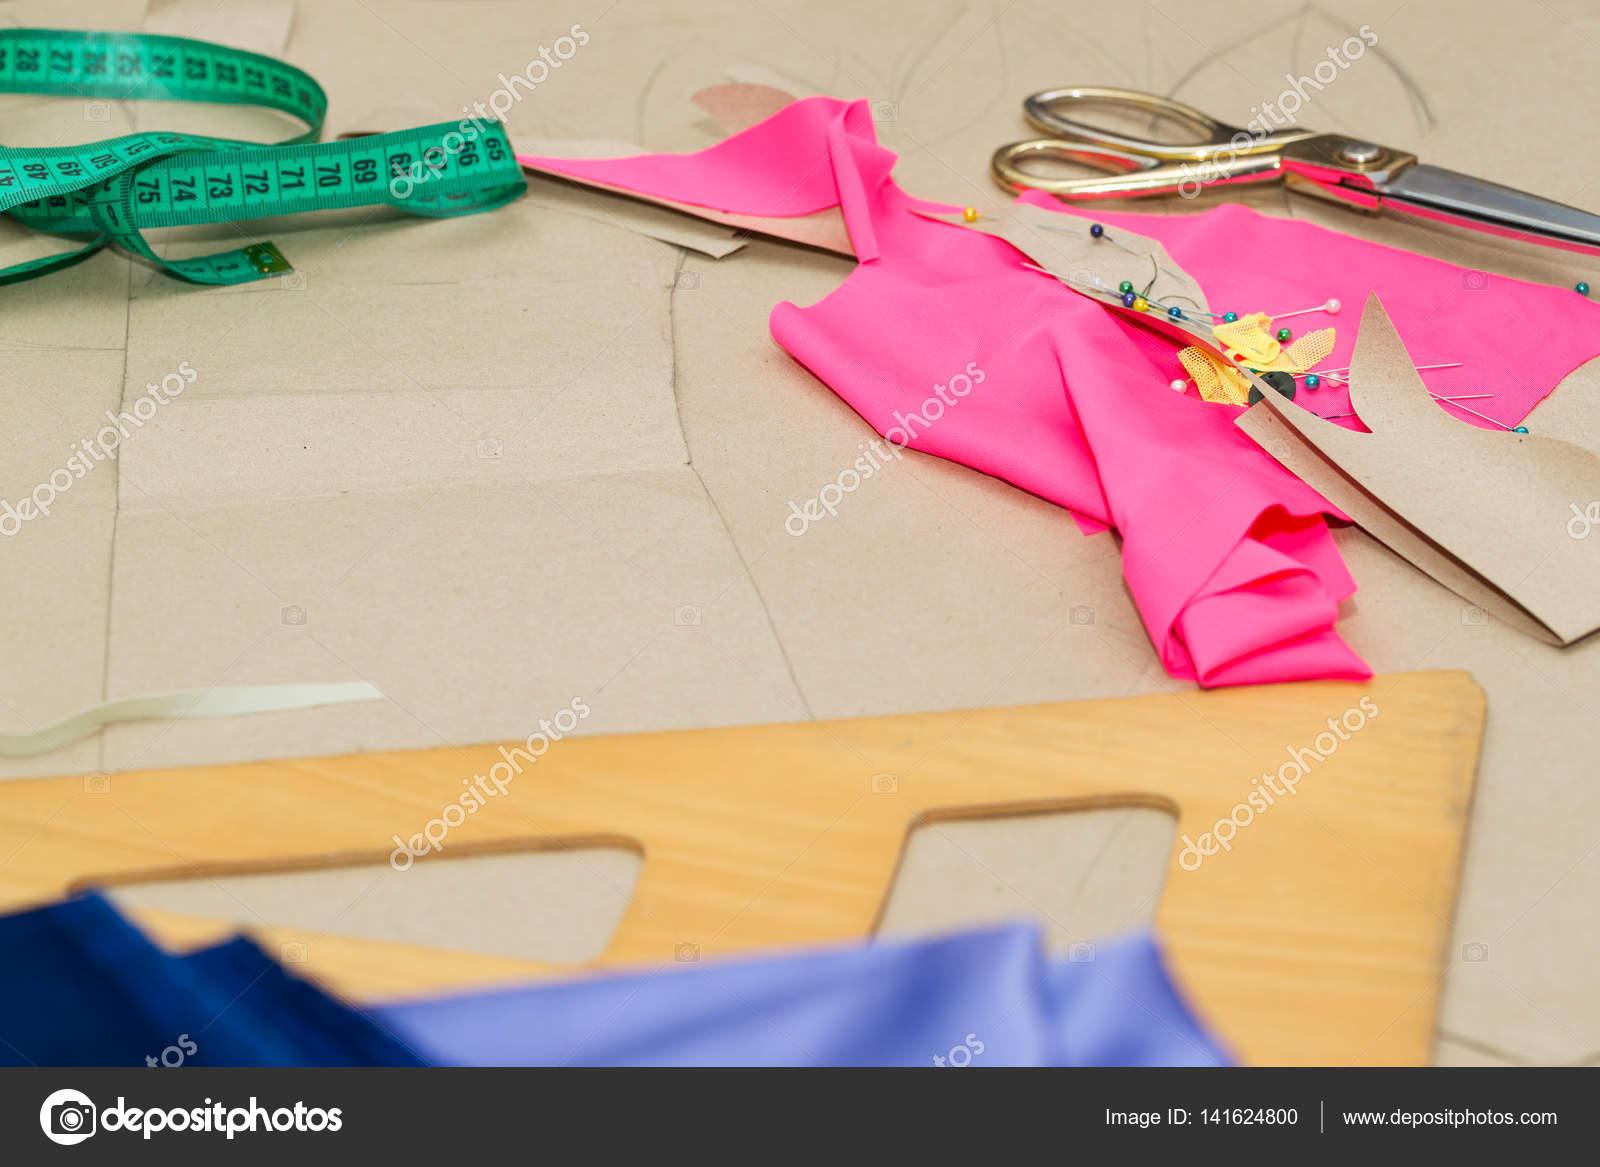 Tavolo Da Lavoro Per Cucire : Tessili per cucire o un panno forbici d oro puntaspilli e tessuto